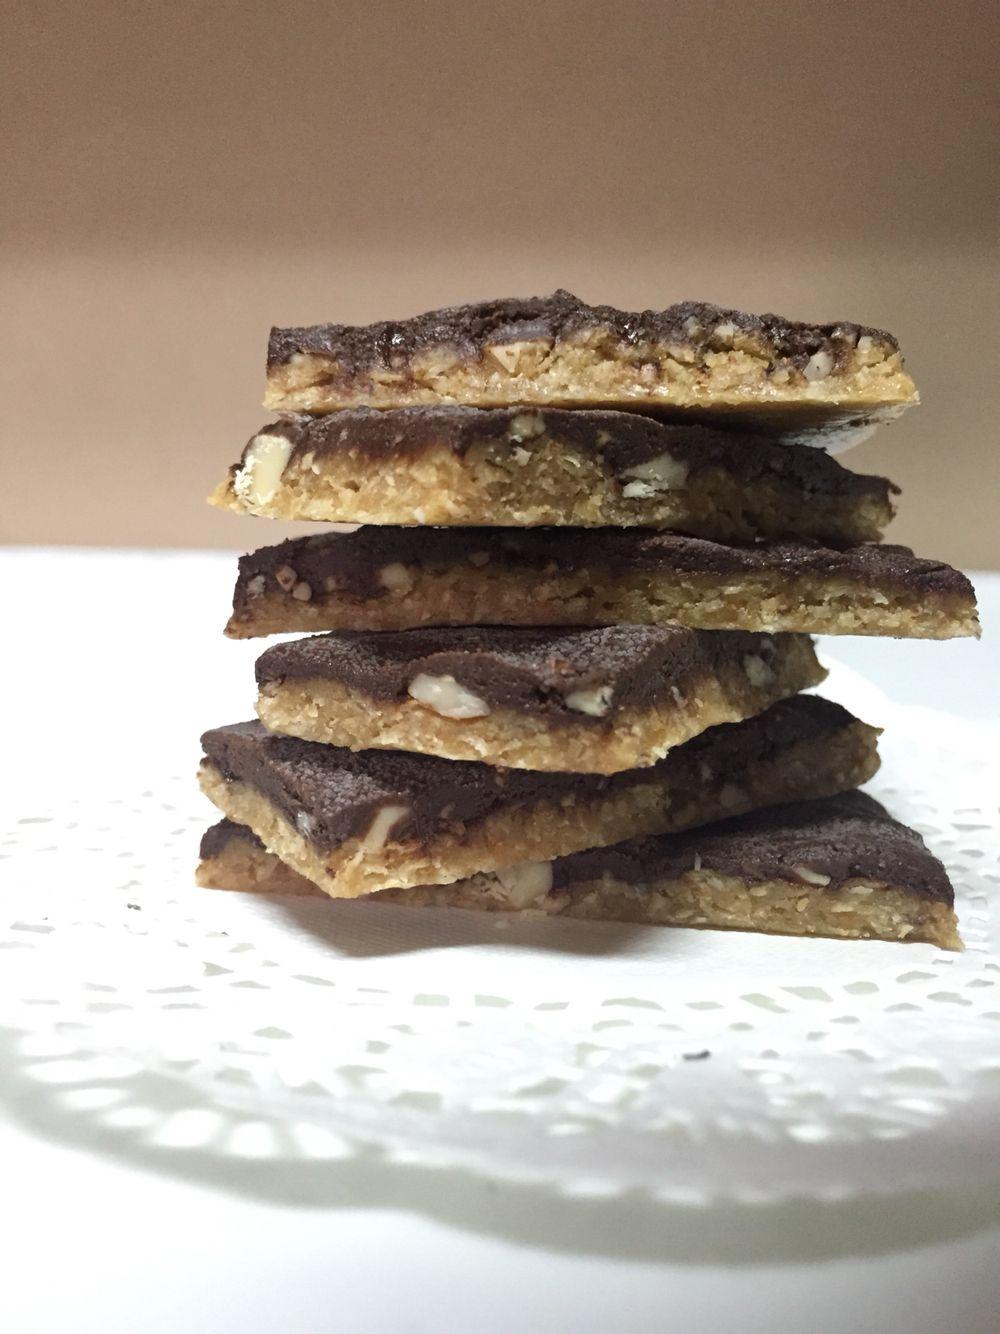 دنيتي فوائد الفول السوداني و استعاملاته الصحية Peanuts Nutrition Peanut Dark Chocolate Nutrition